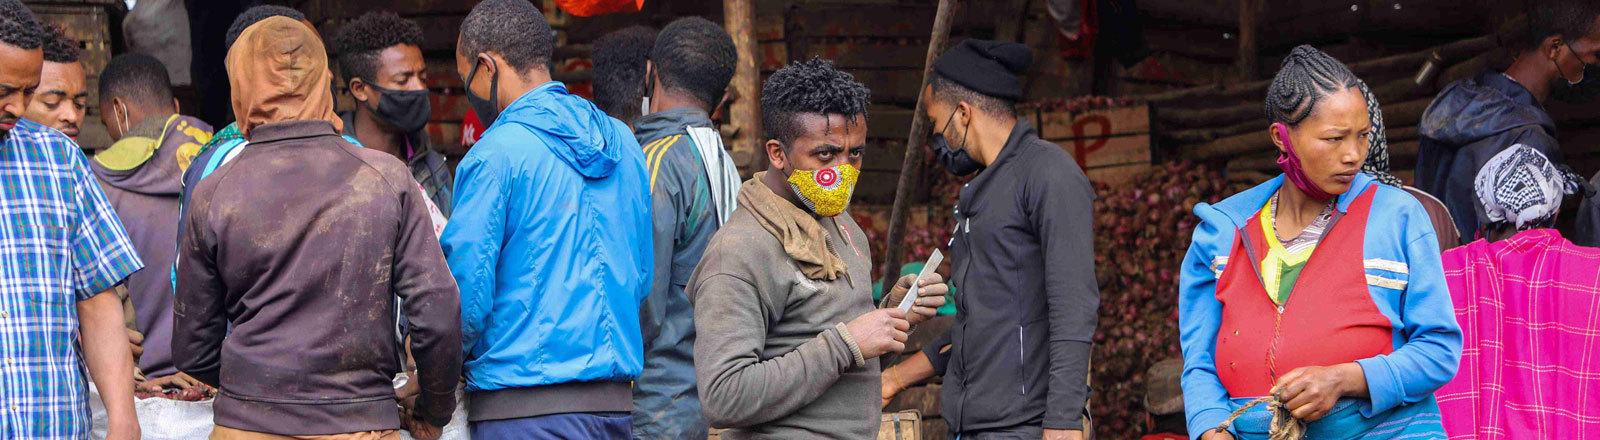 Ein Markt in Äthiopien.